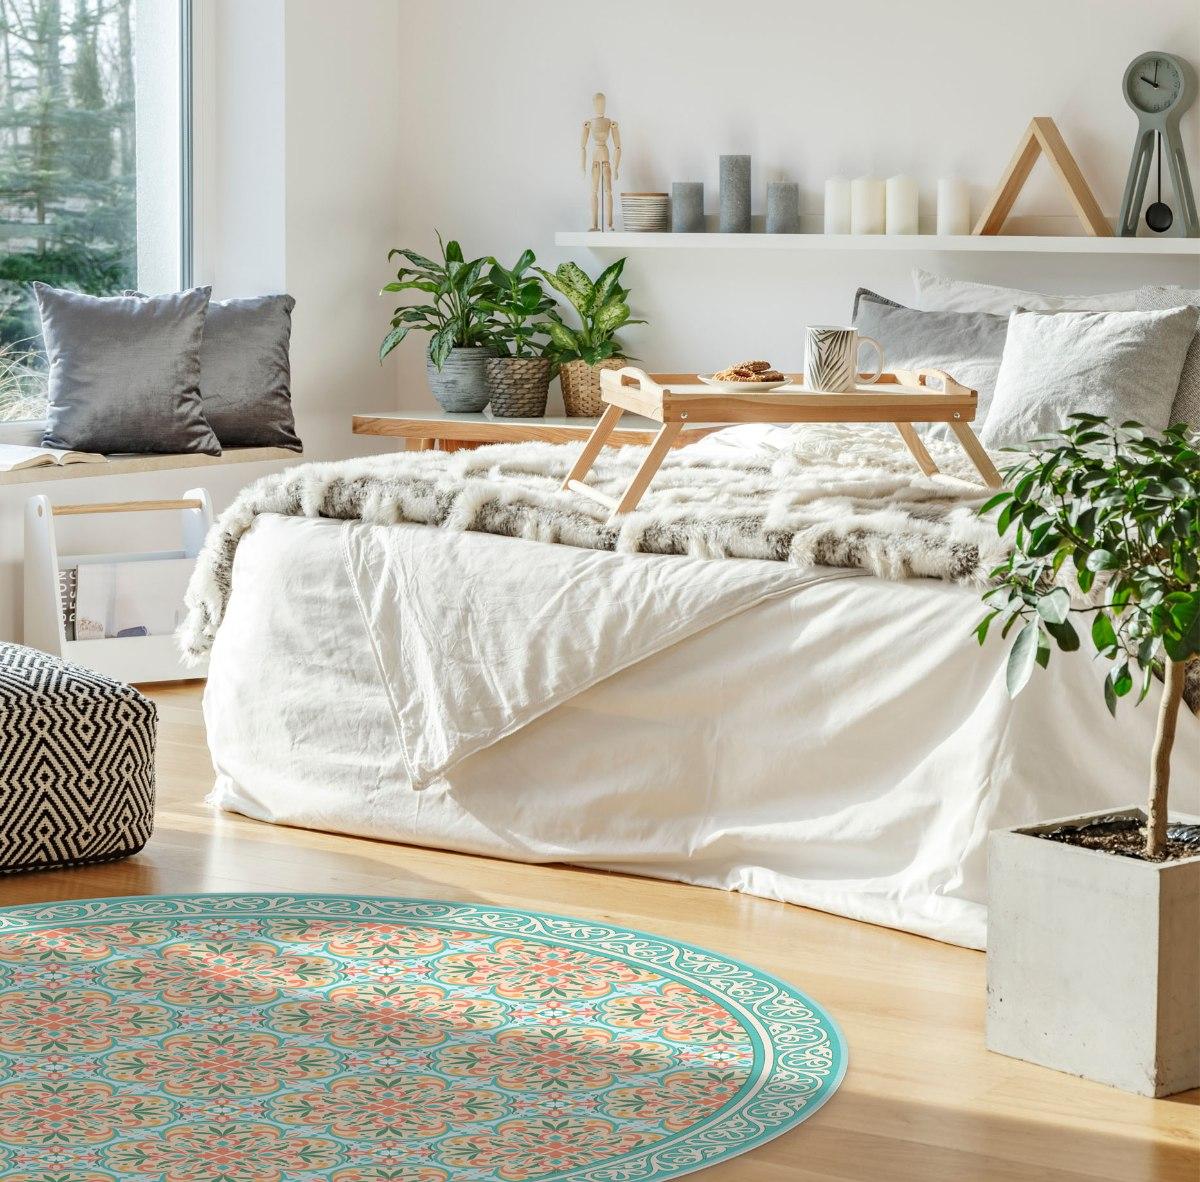 שטיח פי.וי.סי עגול בוסתן איטלקי  TIVA DESIGN קיים בגדלים שונים